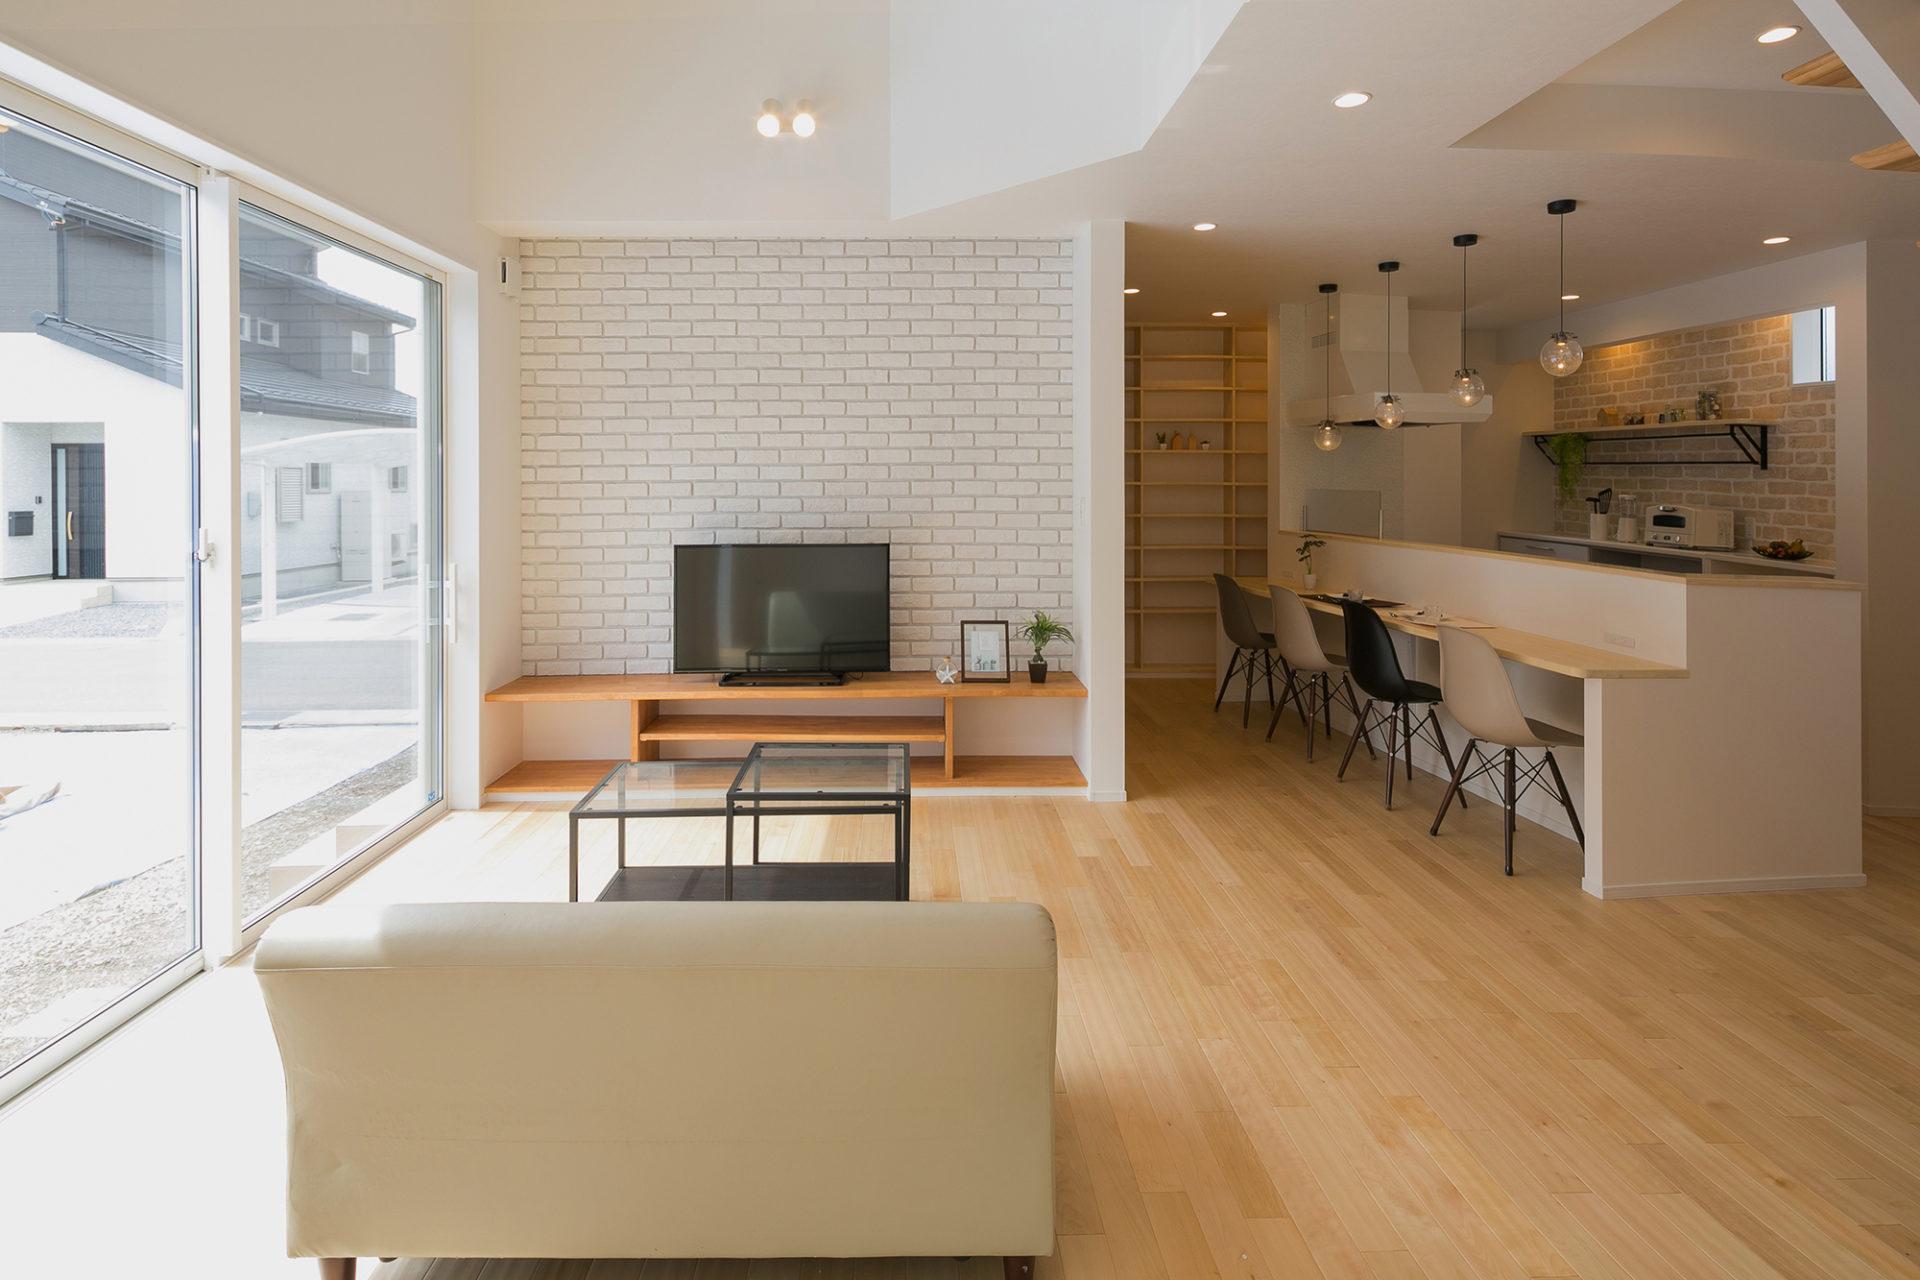 静かにゆっくり流れる時間を愉しむ ななめキッチンの家3